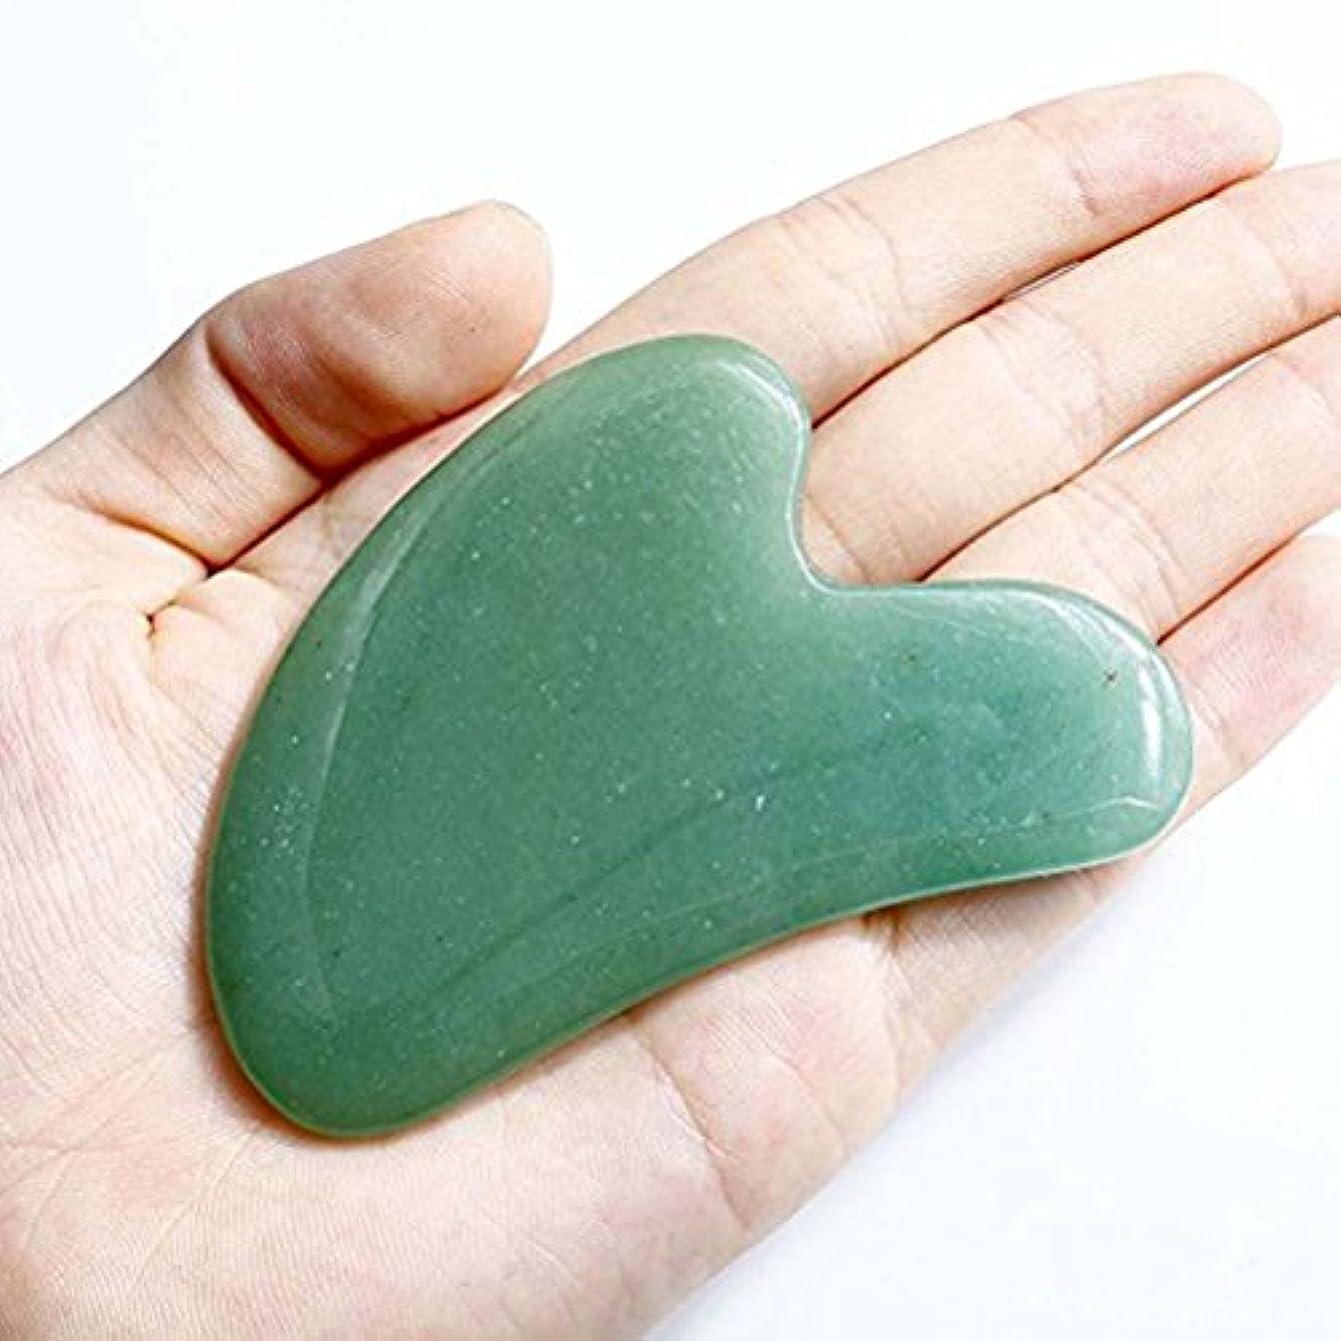 くつろぐソロコンパイルEcho & Kern Face / Body Massage Green Aventurine heart shape ハート形状かっさプレート 天然石 翡翠色(顔?ボディのリンパマッサージ) (かっさプレートH)